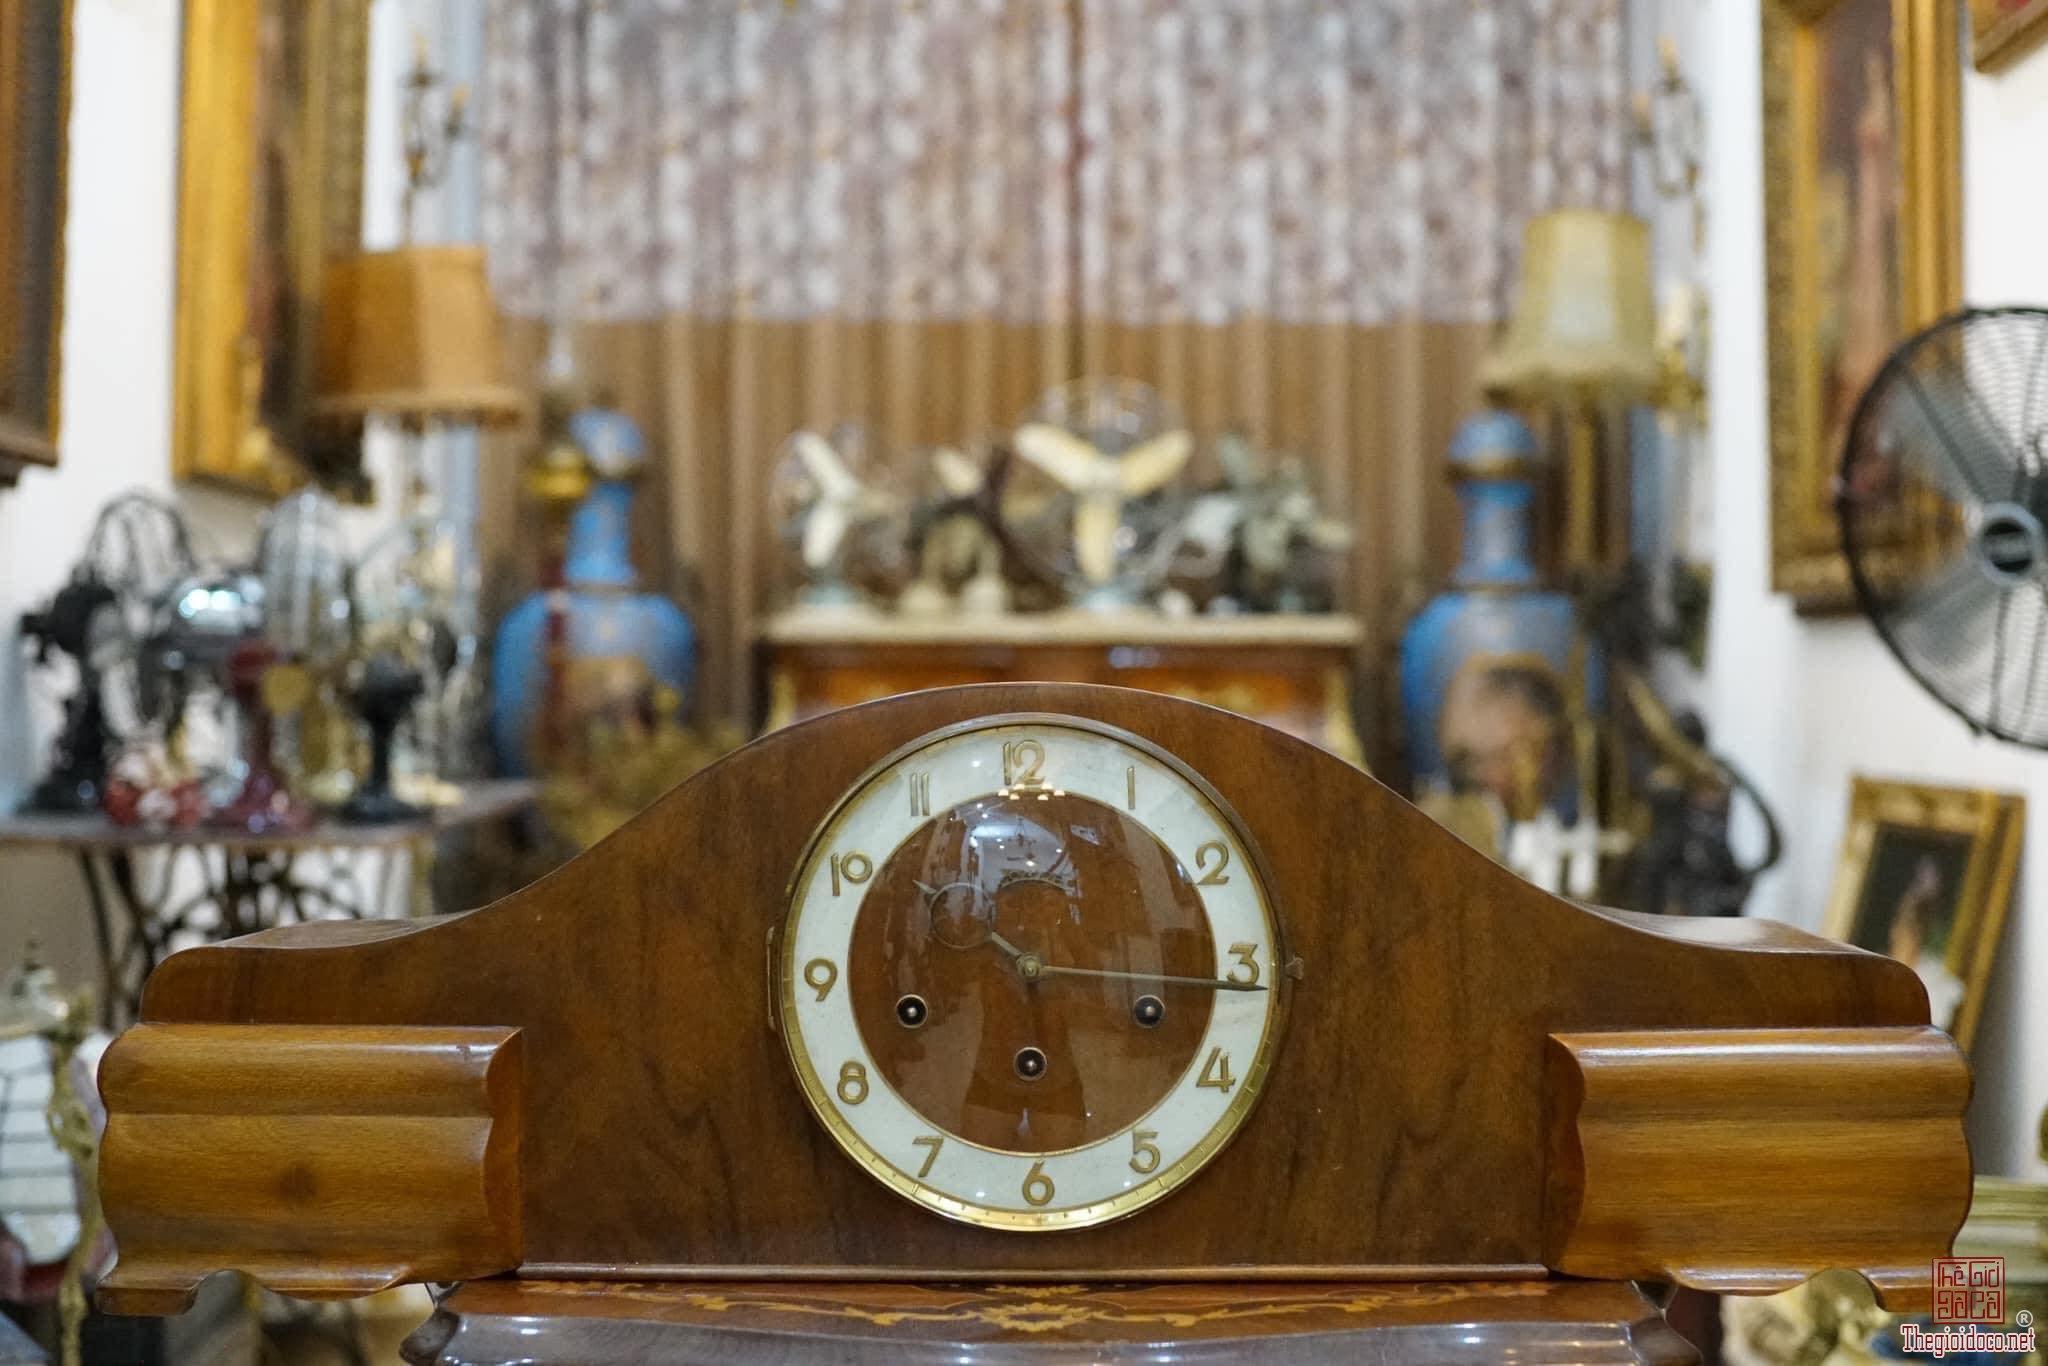 Đồng hồ vai bò made in Germany( chơi 3 bản nhạc)